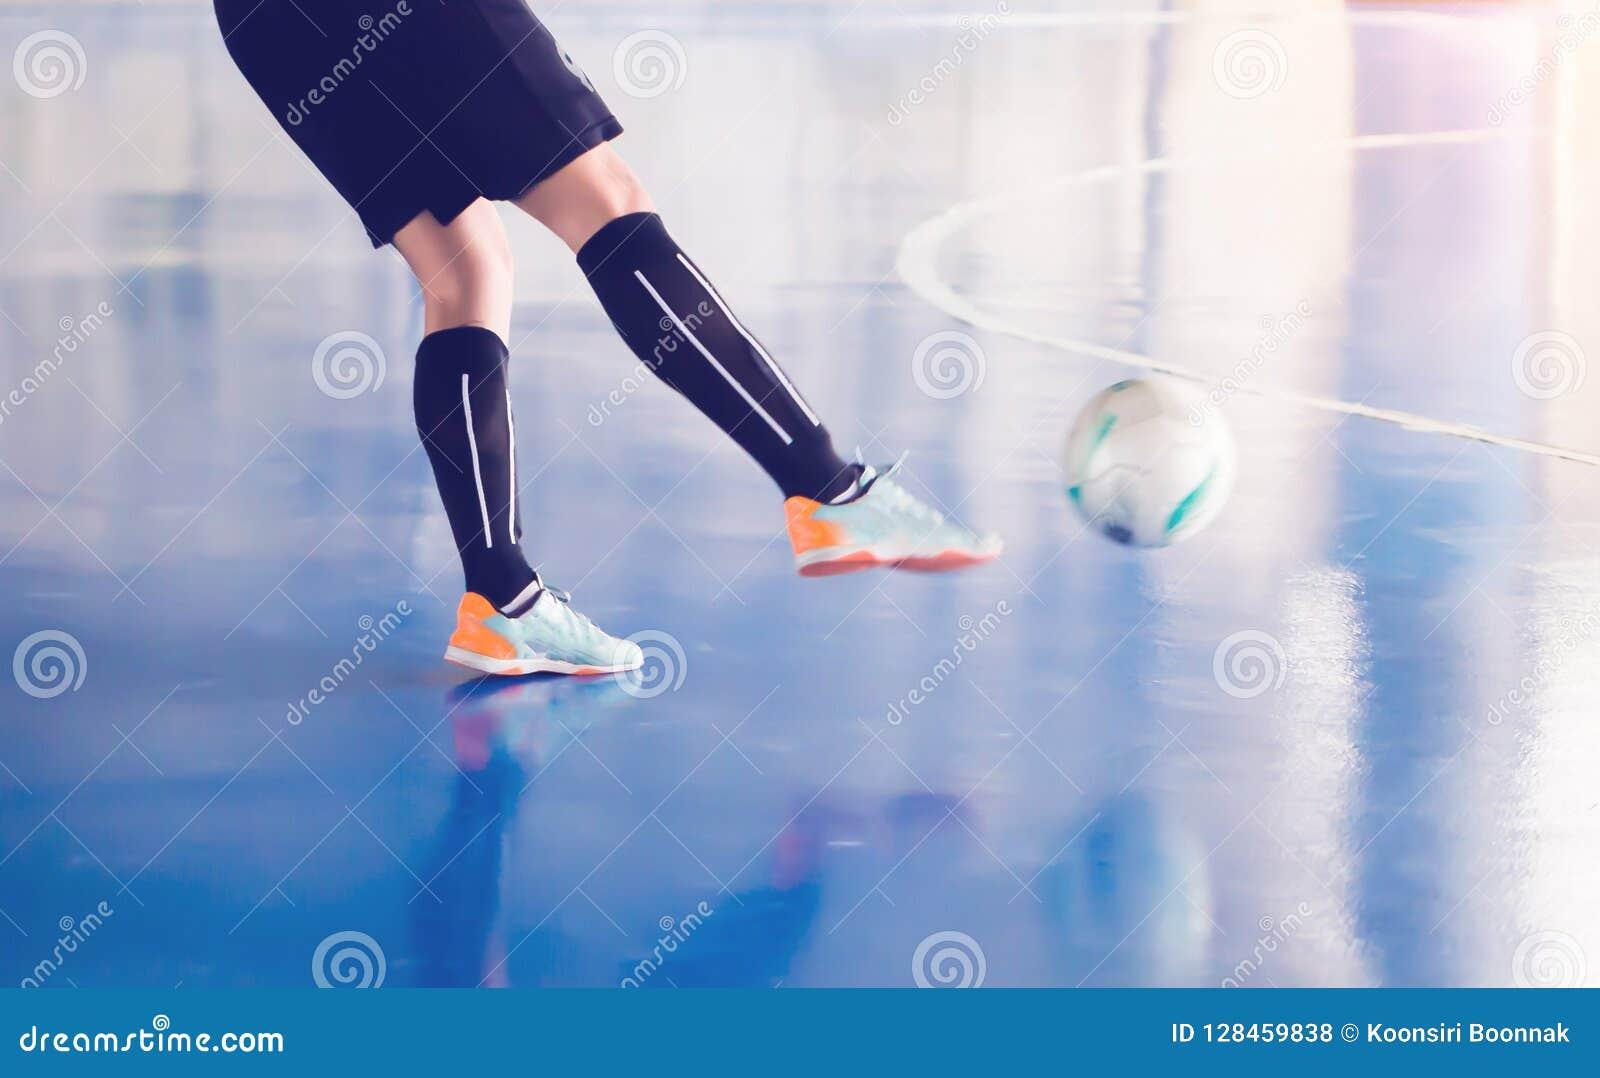 f194f1420d4f8 Bola Do Tiro Do Jogador De Futsal Ao Objetivo Foto de Stock - Imagem ...